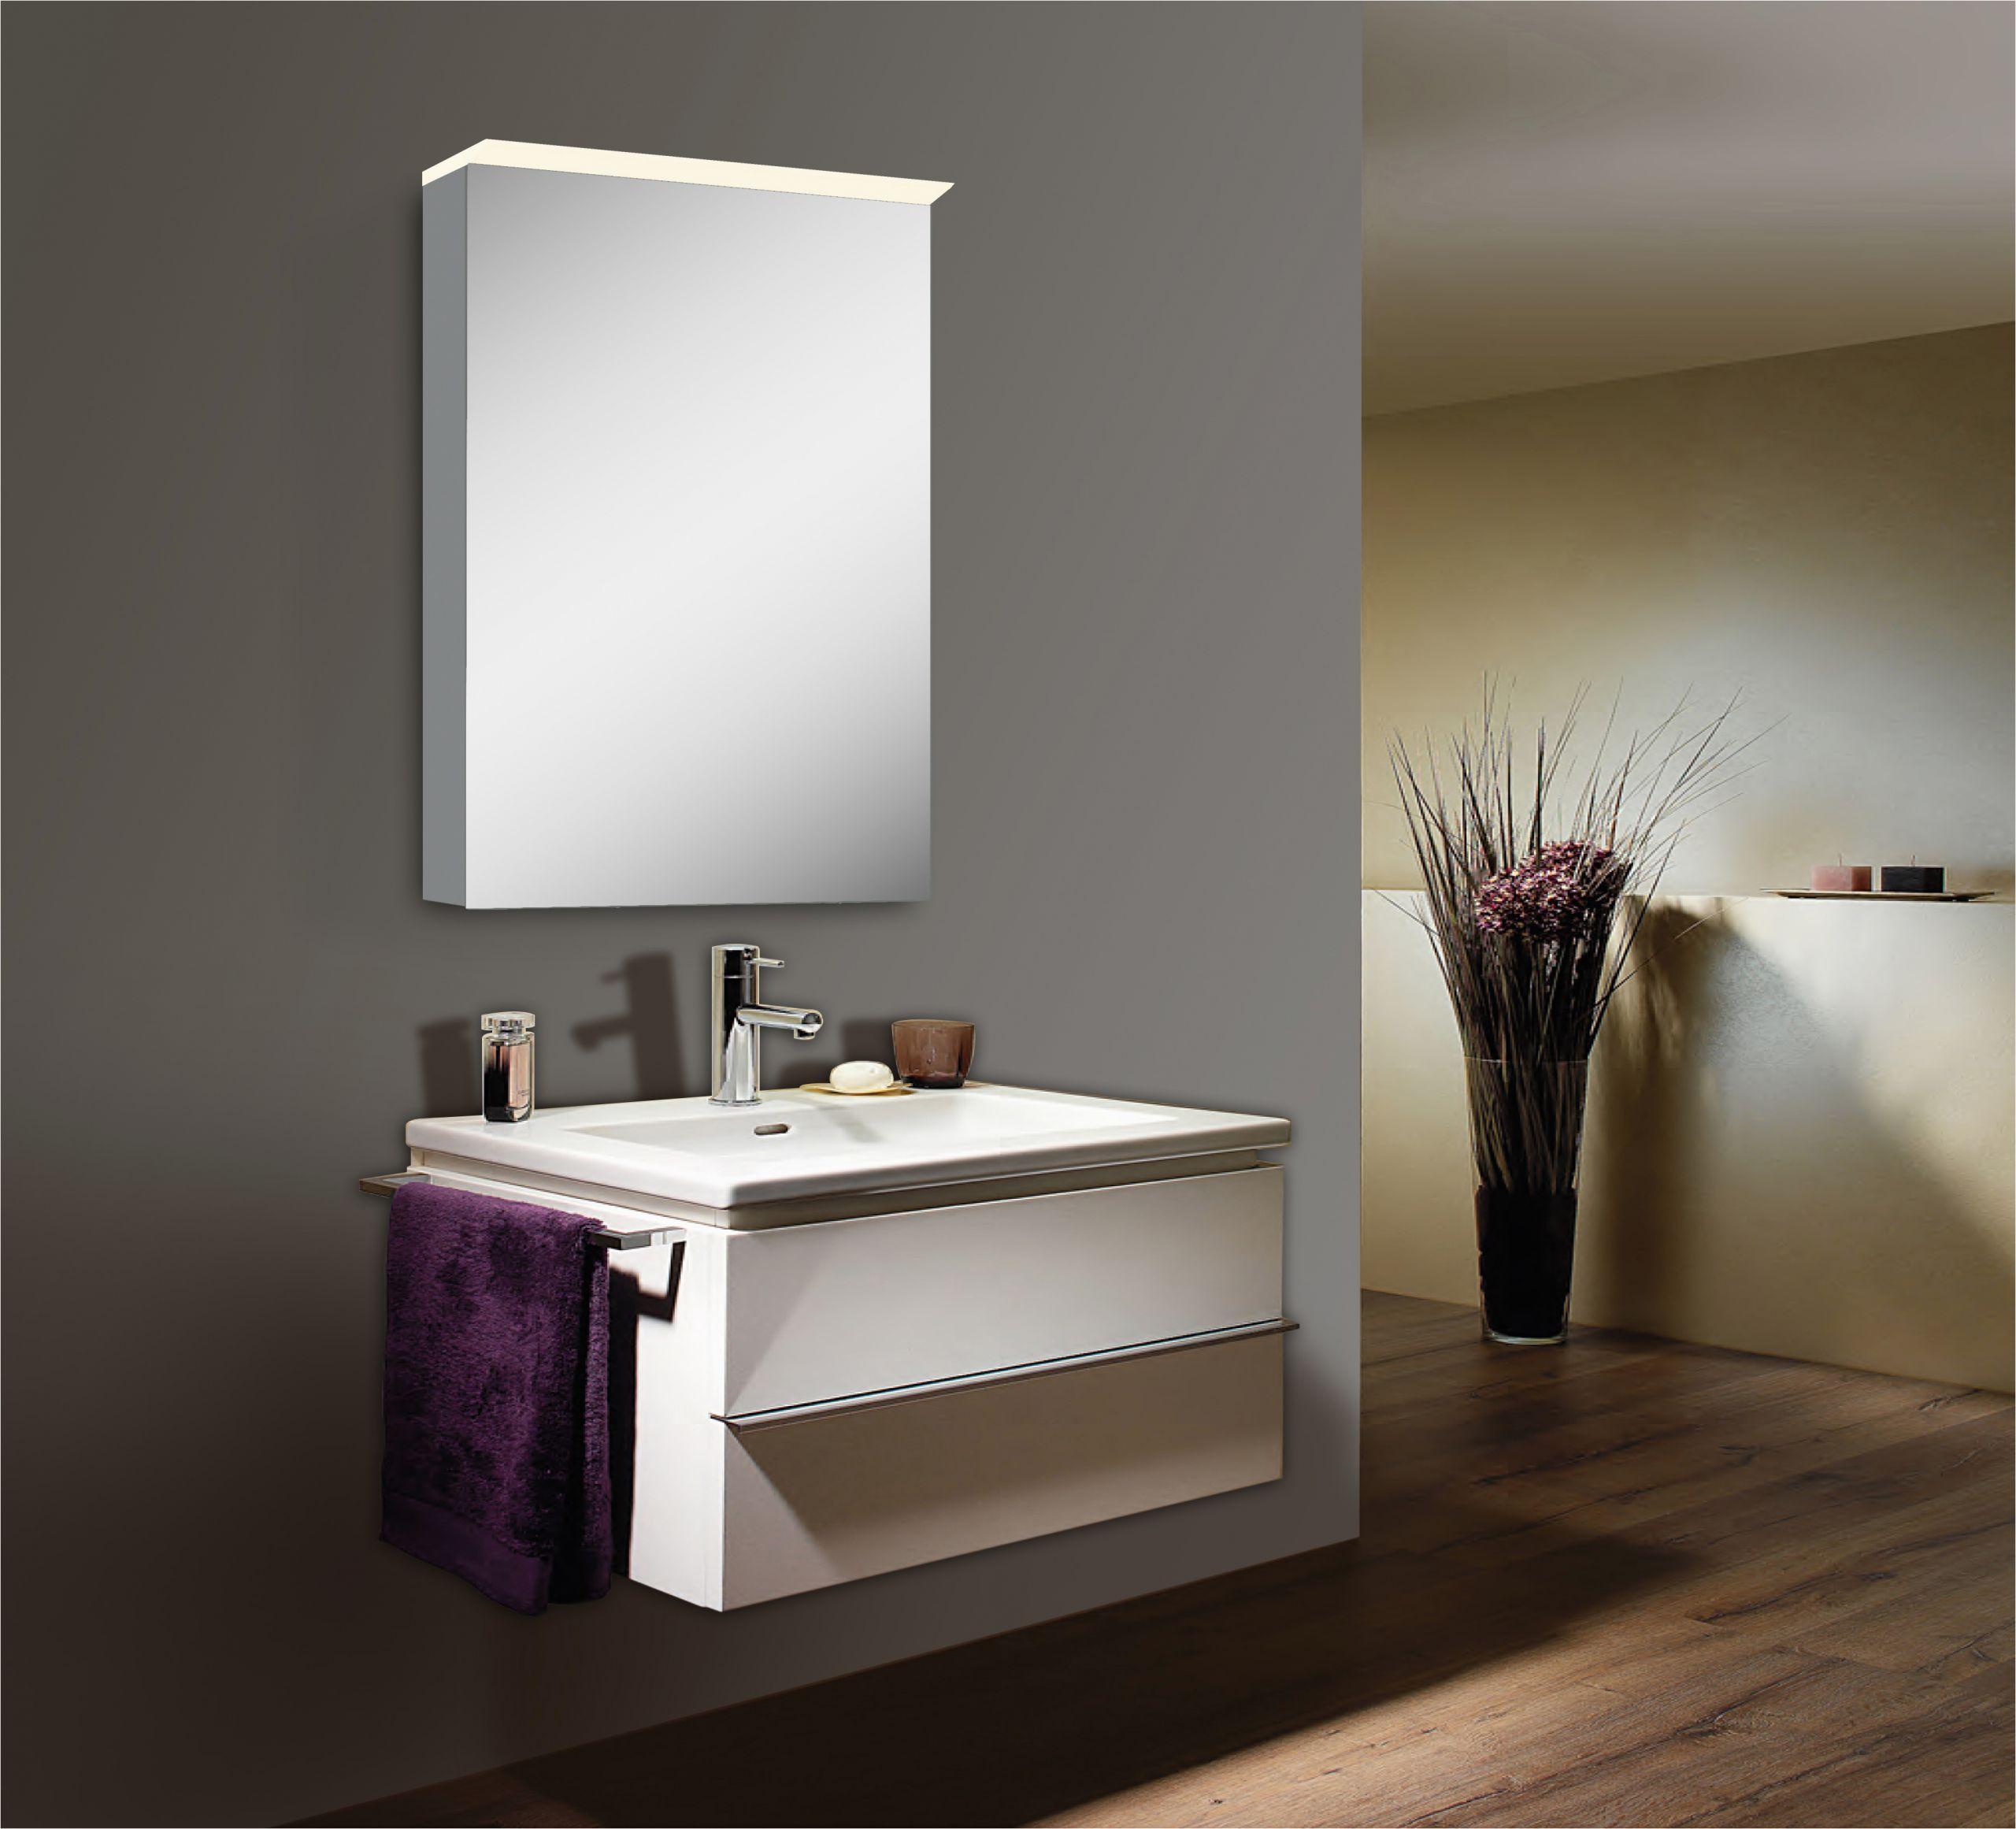 Badezimmerspiegel Ebay Details Zu Primaster Spiegelschrank Silver Rock Led Beleuchtung Alibert Spiegel Badezimmer